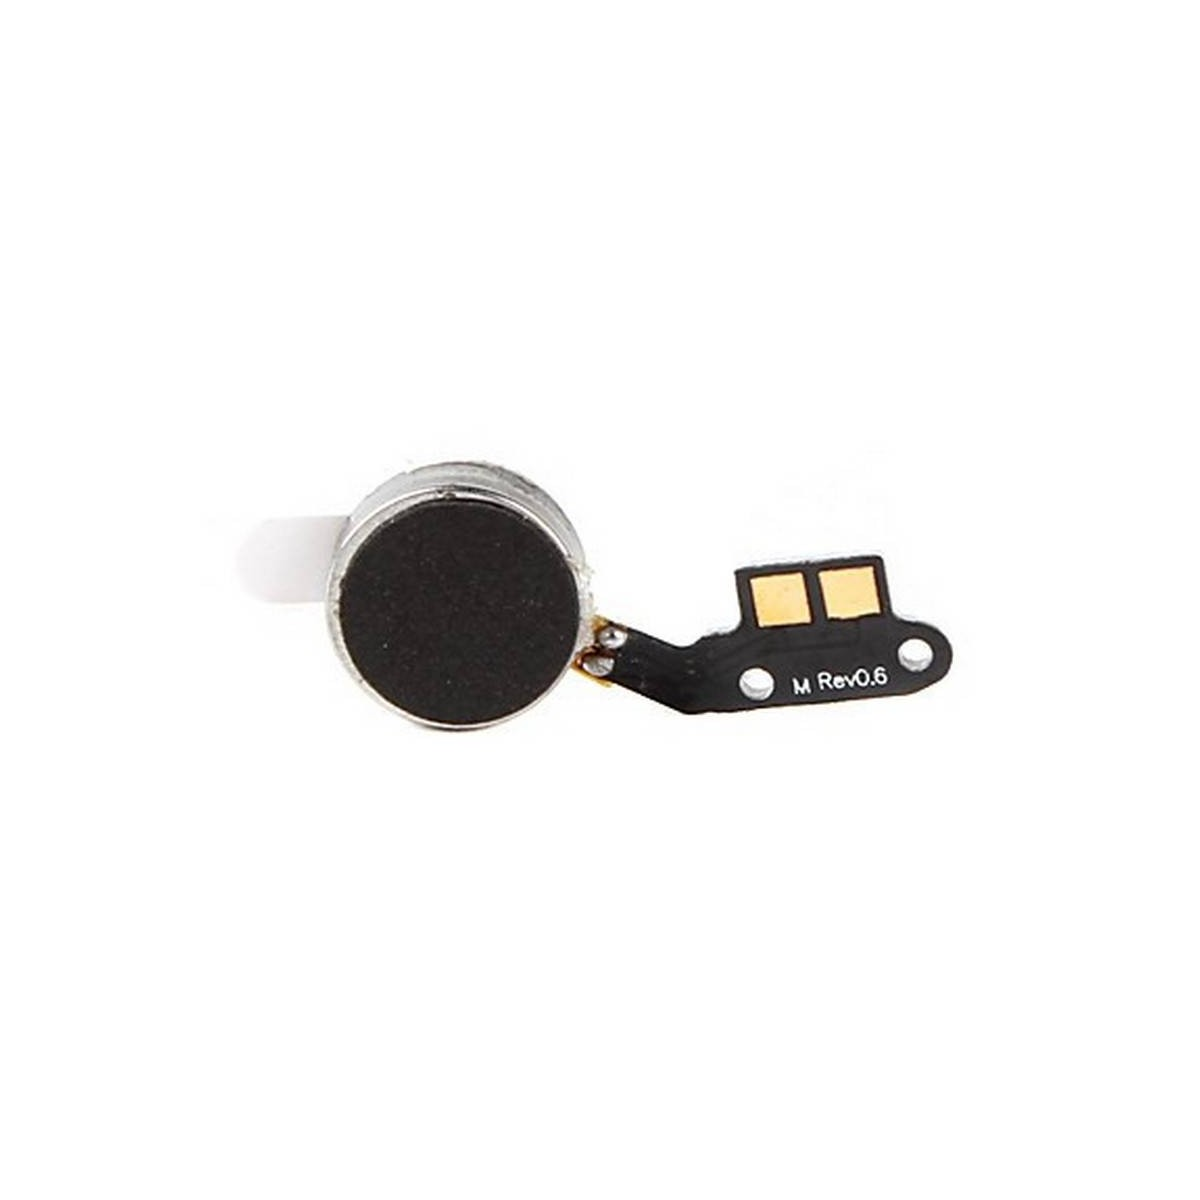 Vibrador para Samsung Galaxy S iii i9300